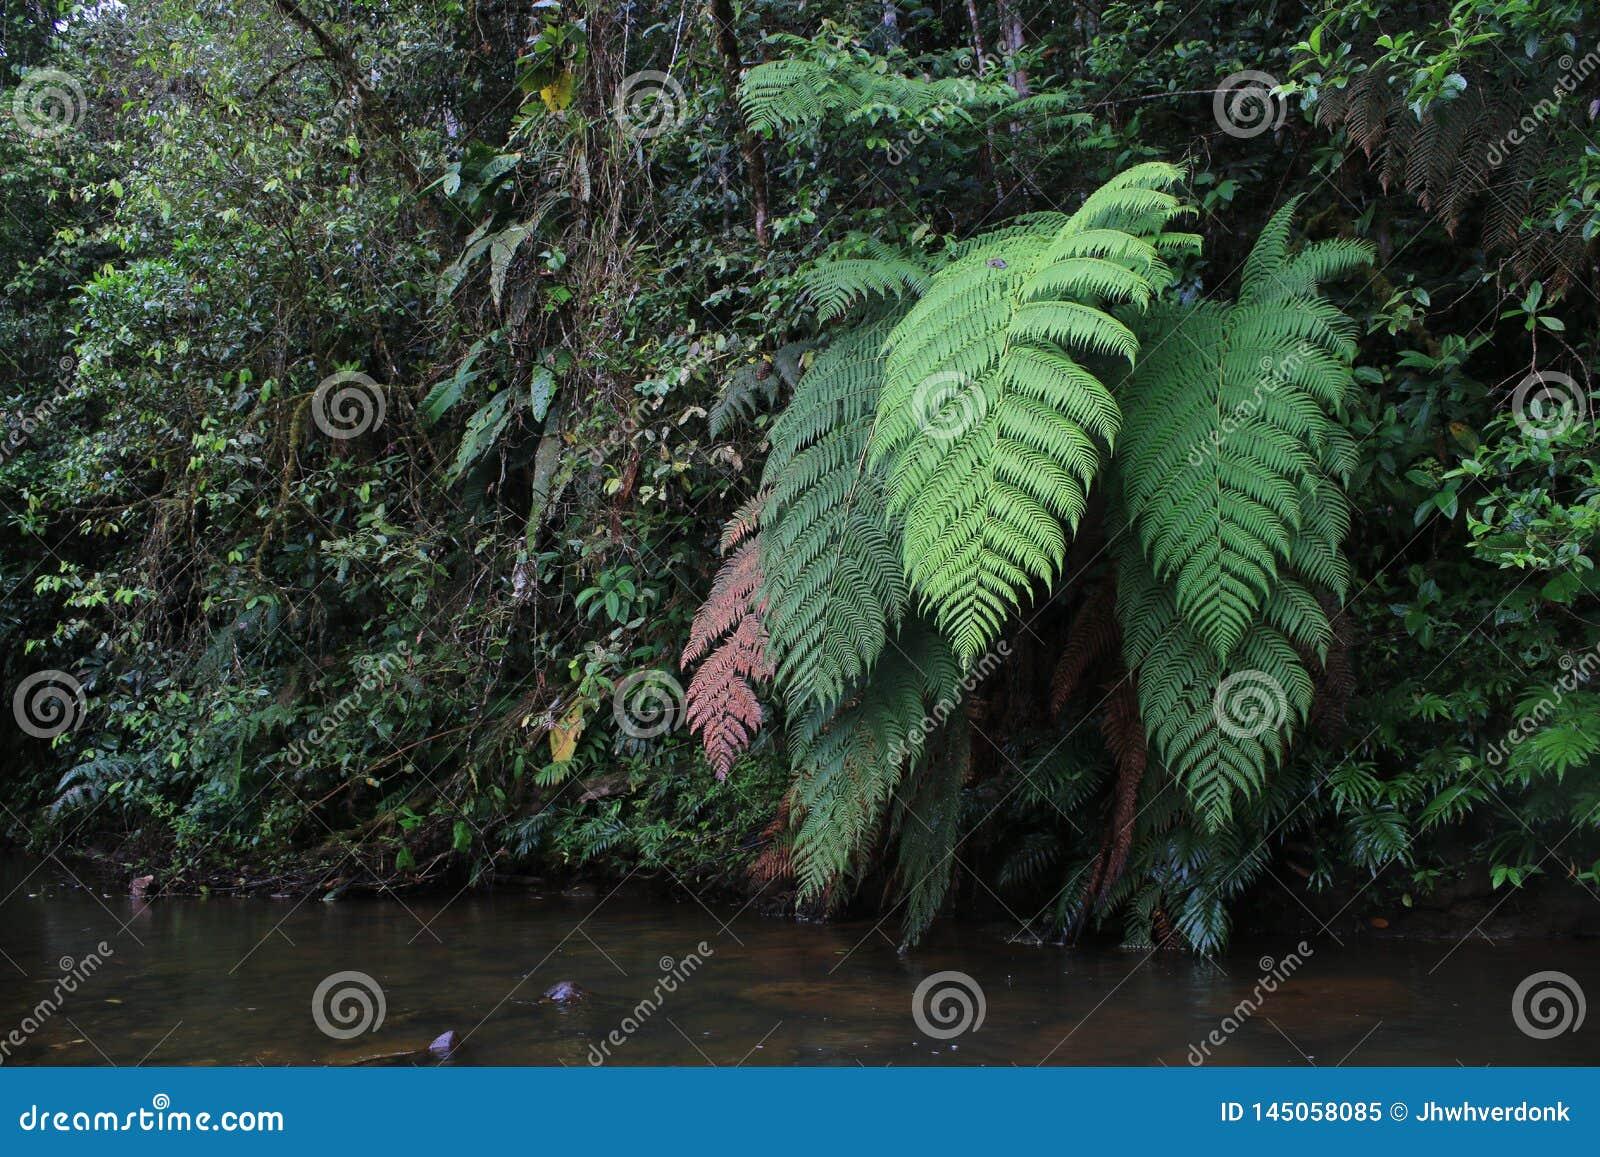 Verschiedene Farben von enormen Farnen nahe bei einem Fluss im tropischen Regenwald